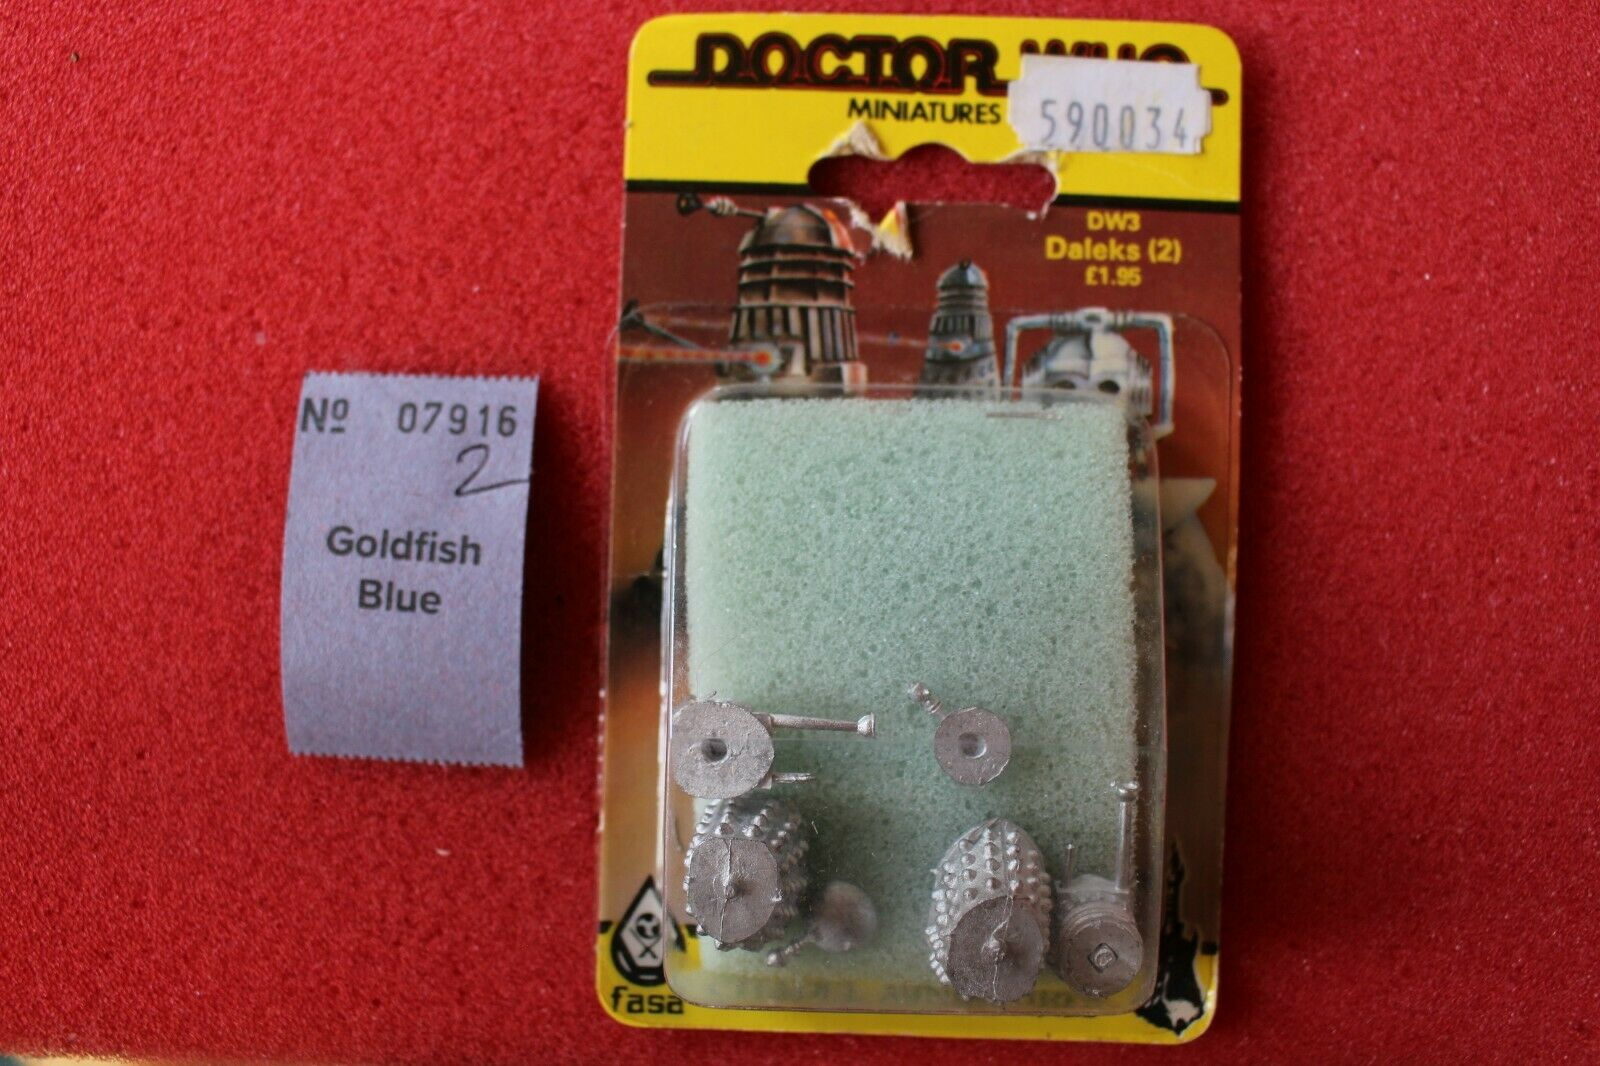 giocos  lavoronegozio CITTADELLA DW3 Dalek Dalek (2) DR WHO NUOVO CON SCATOLA IN METtuttiO cifra FASA 1986  acquisti online